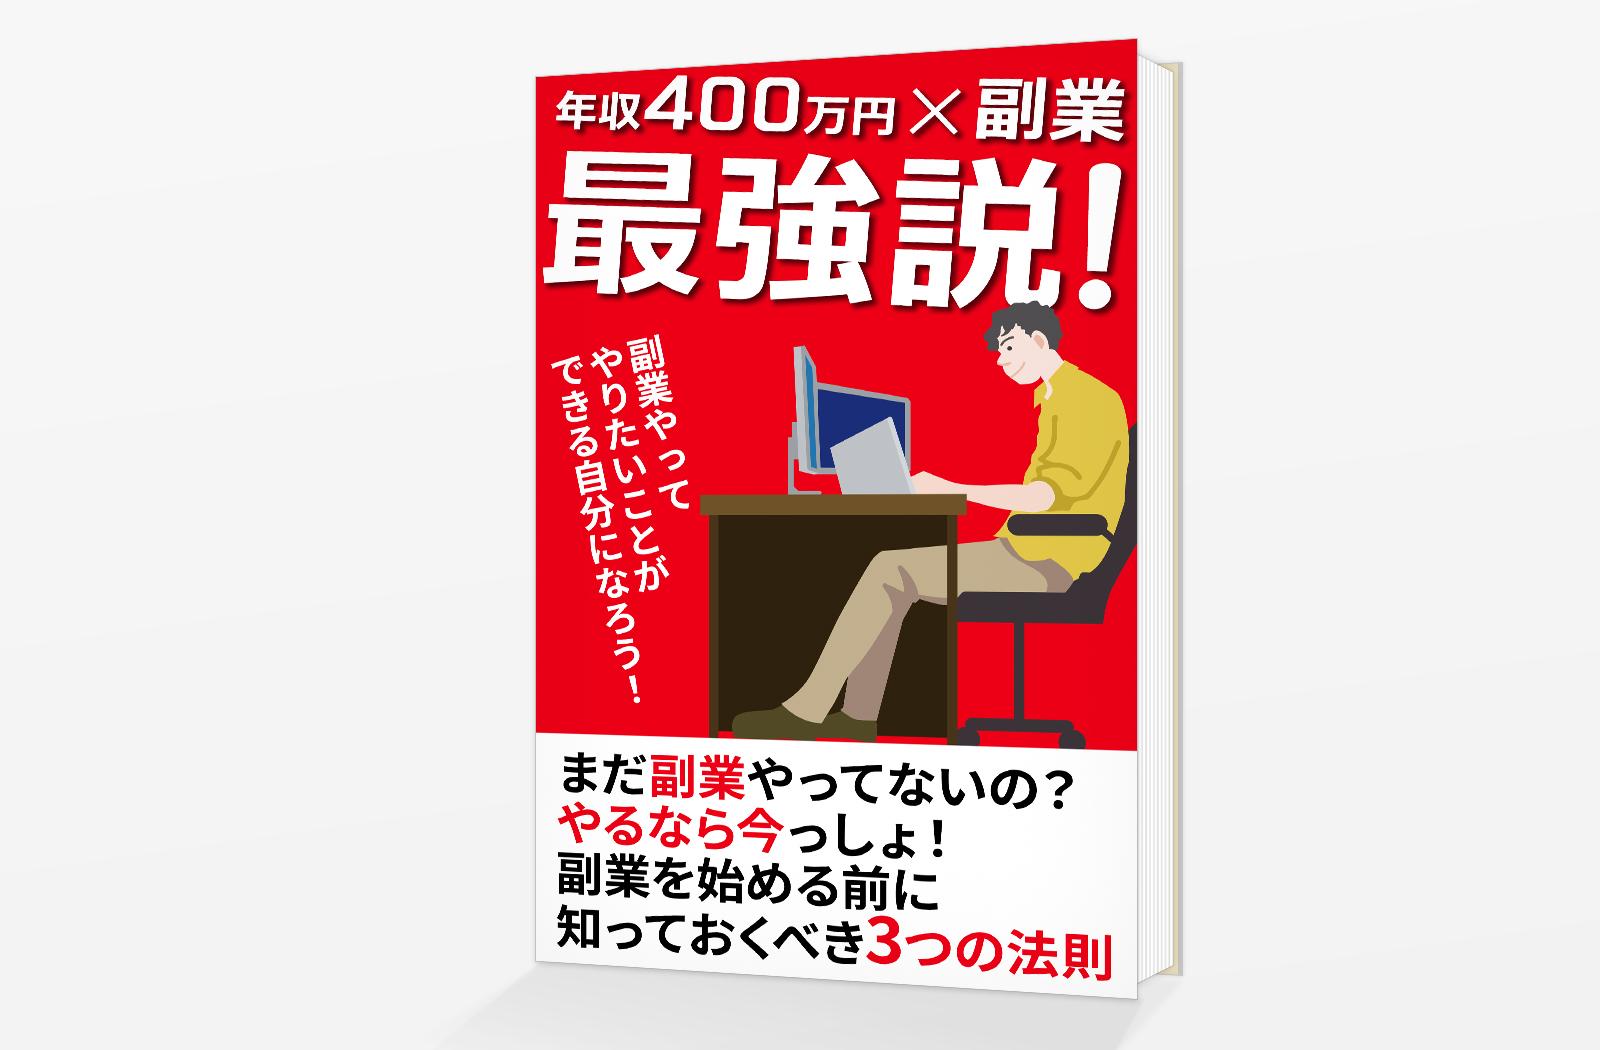 年収400万円 x 副業 最強説!年収400万円 x 副業 最強説!